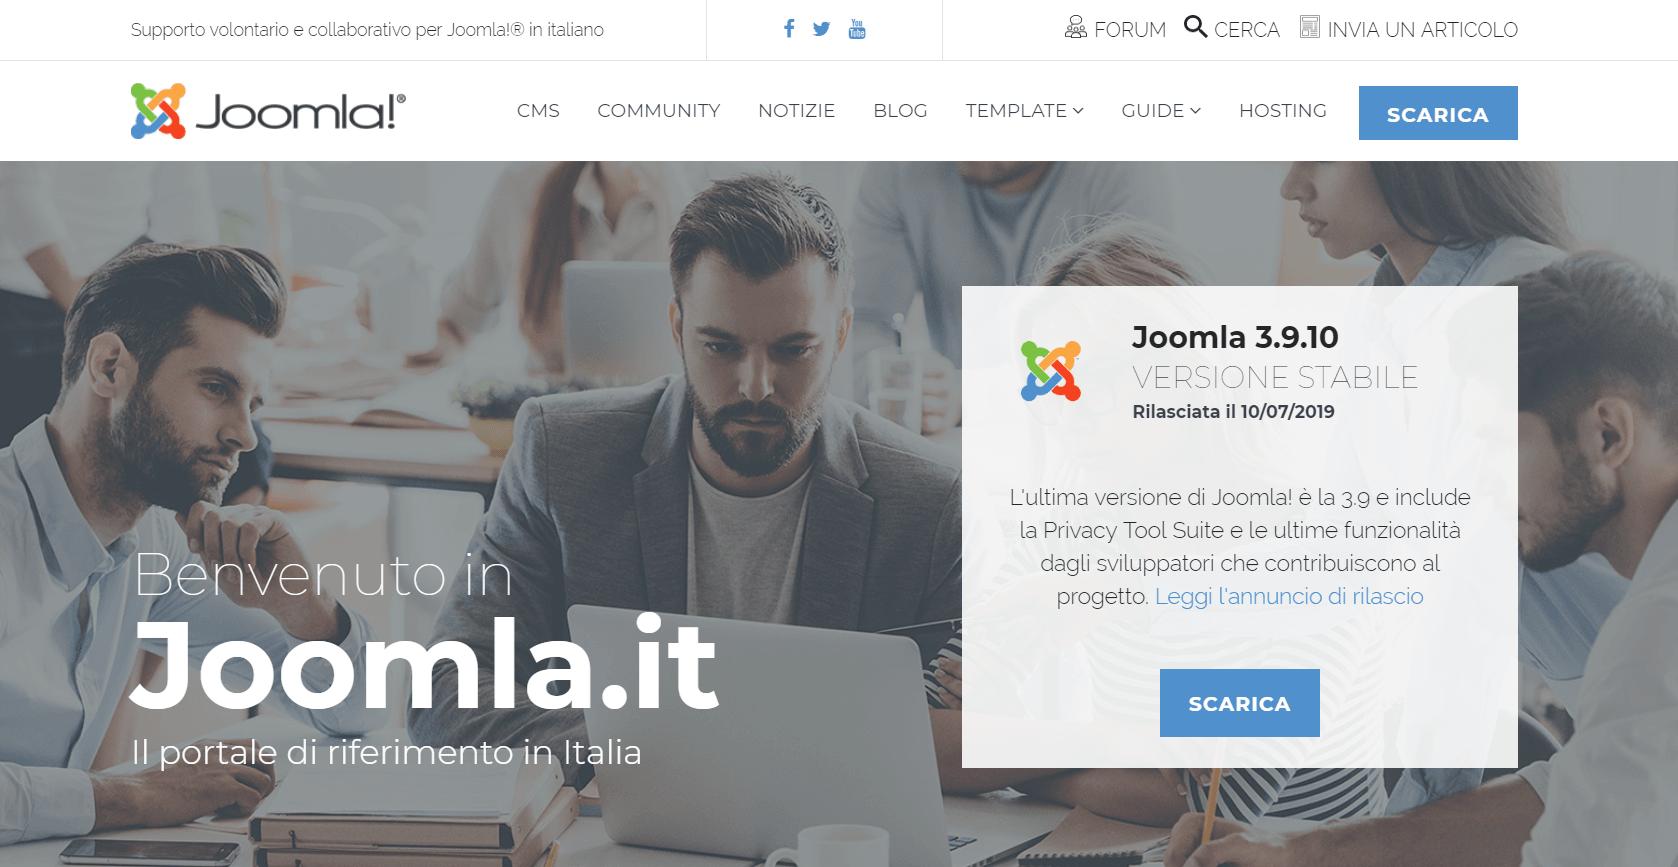 creare un sito e-commerce - joomla